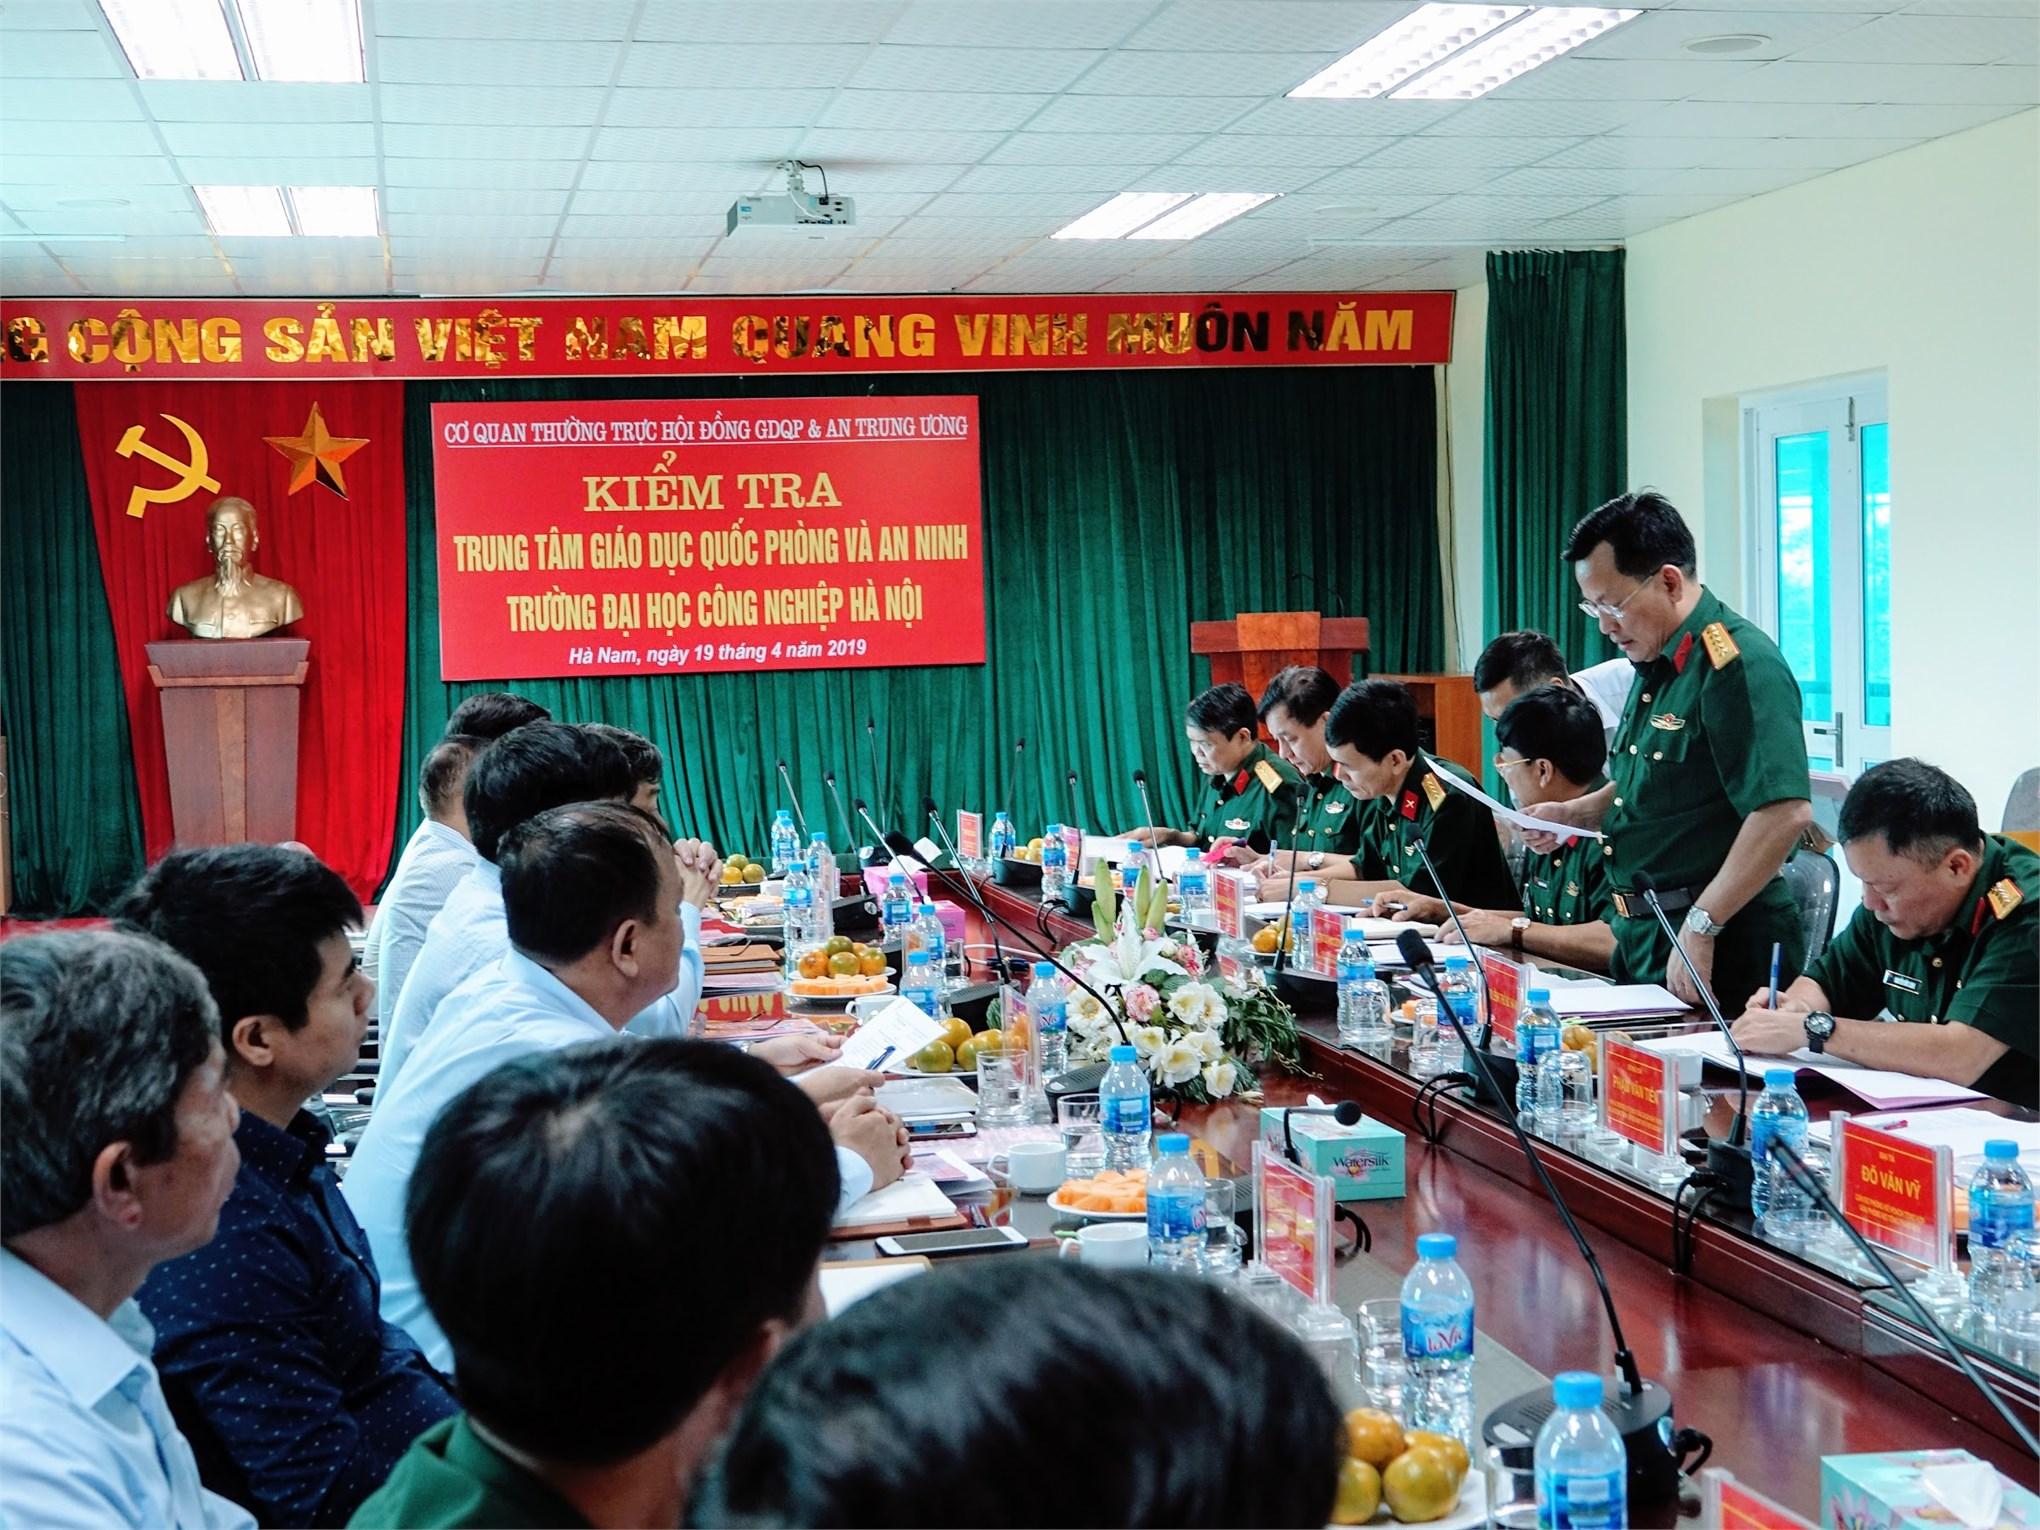 Trung tâm Giáo dục quốc phòng và an ninh Trường Đại học Công nghiệp Hà Nội hoàn thành xuất sắc nhiệm vụ trong thực hiện nhiệm vụ giáo dục quốc phòng, an ninh cho học sinh, sinh viên